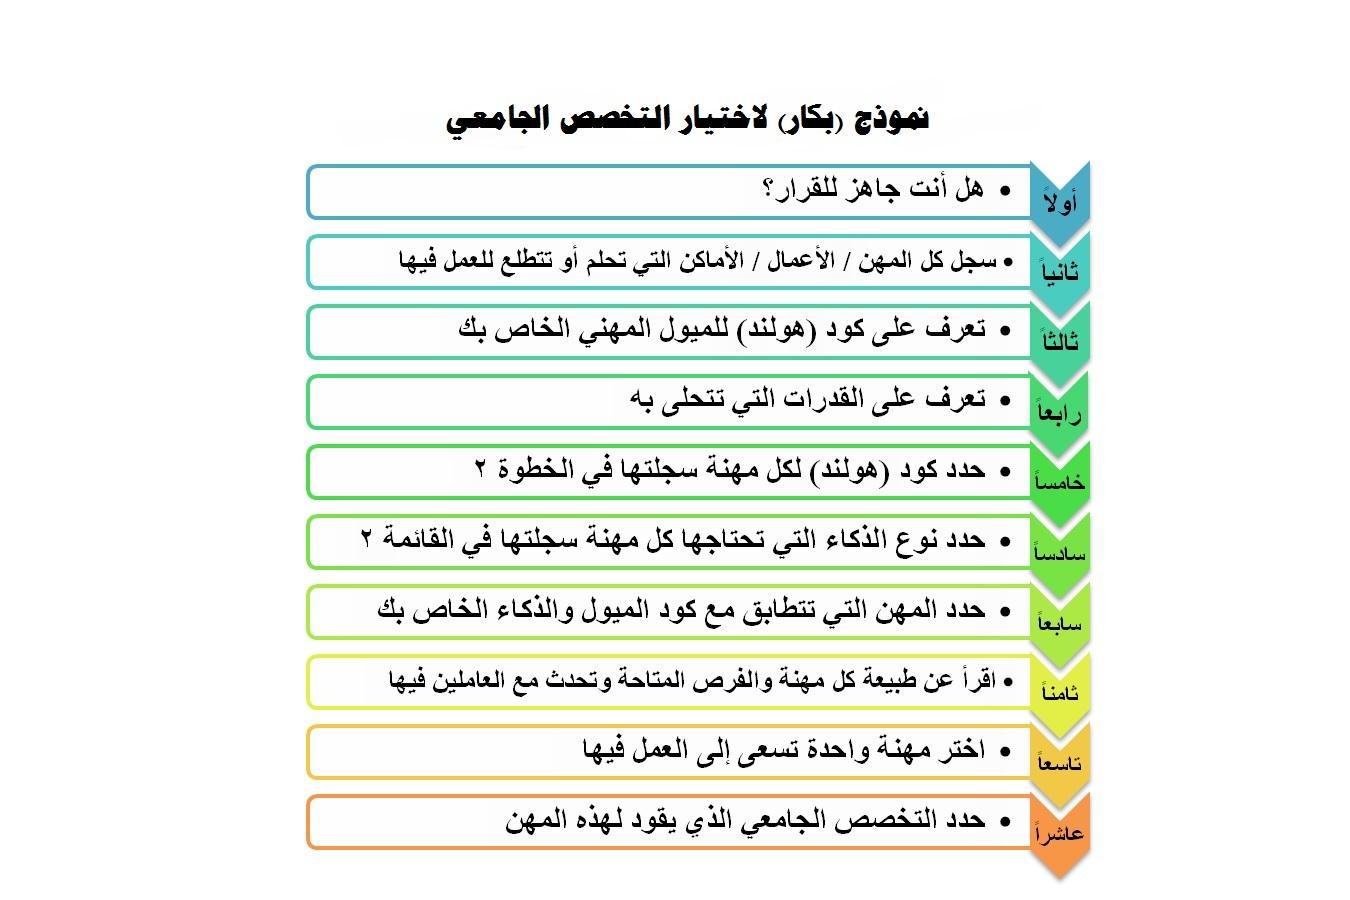 نموذج بكار لاختيار التخصص الجامعي Bakkar Model For Choosing College Major د ياسر بكار